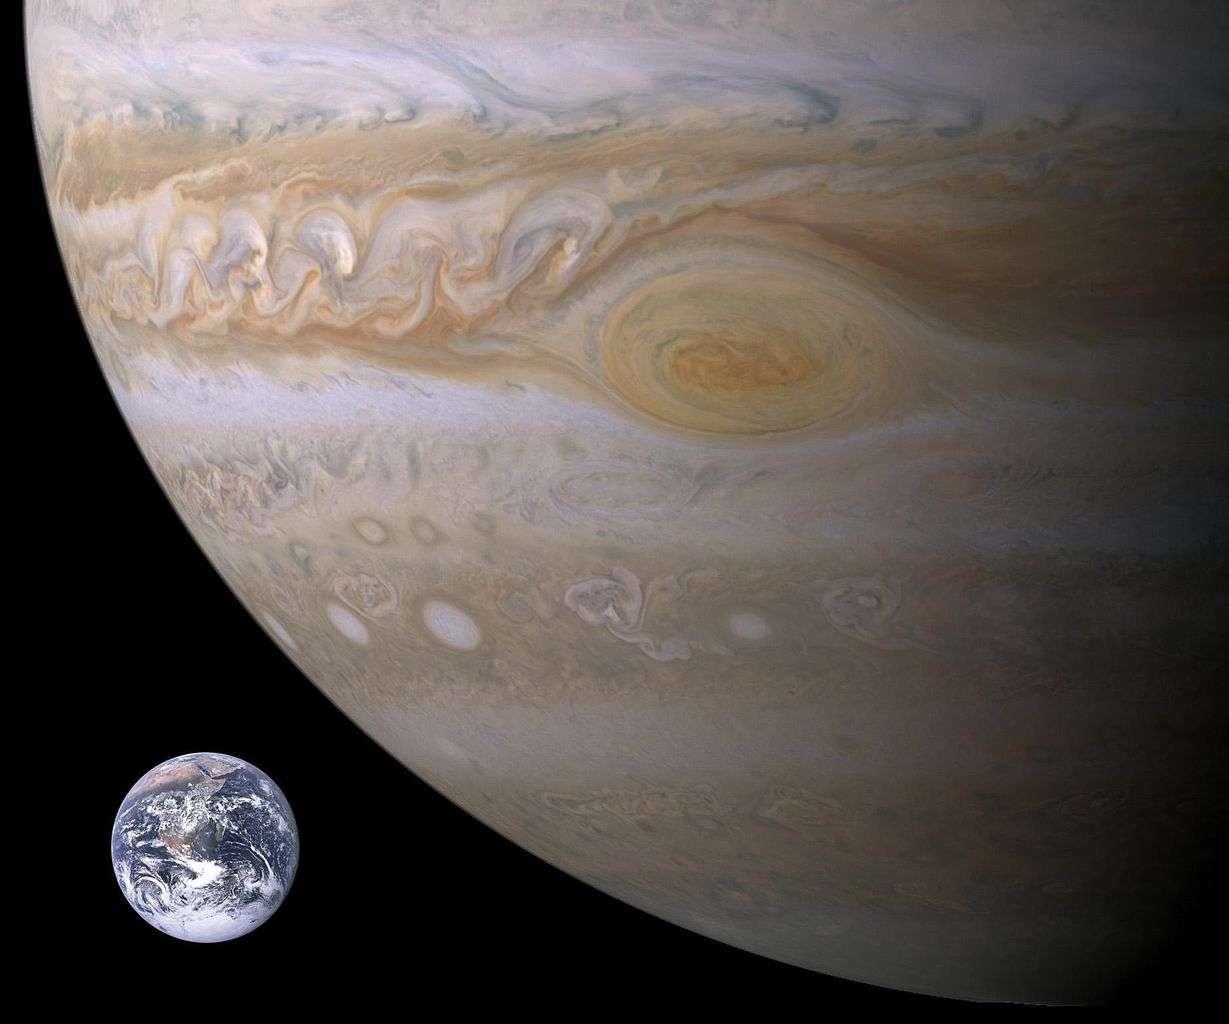 On savait déjà que Jupiter avait protégé notre Planète d'un trop grand nombre de collisions avec des comètes ou des astéroïdes de grandes tailles. Cela aurait permis à la vie d'exister et d'évoluer vers les formes complexes que nous connaissons. Il semblerait maintenant que l'existence même de la Terre, plus précisément le fait qu'elle ne soit pas une superterre, soit également due à Jupiter. © Nasa